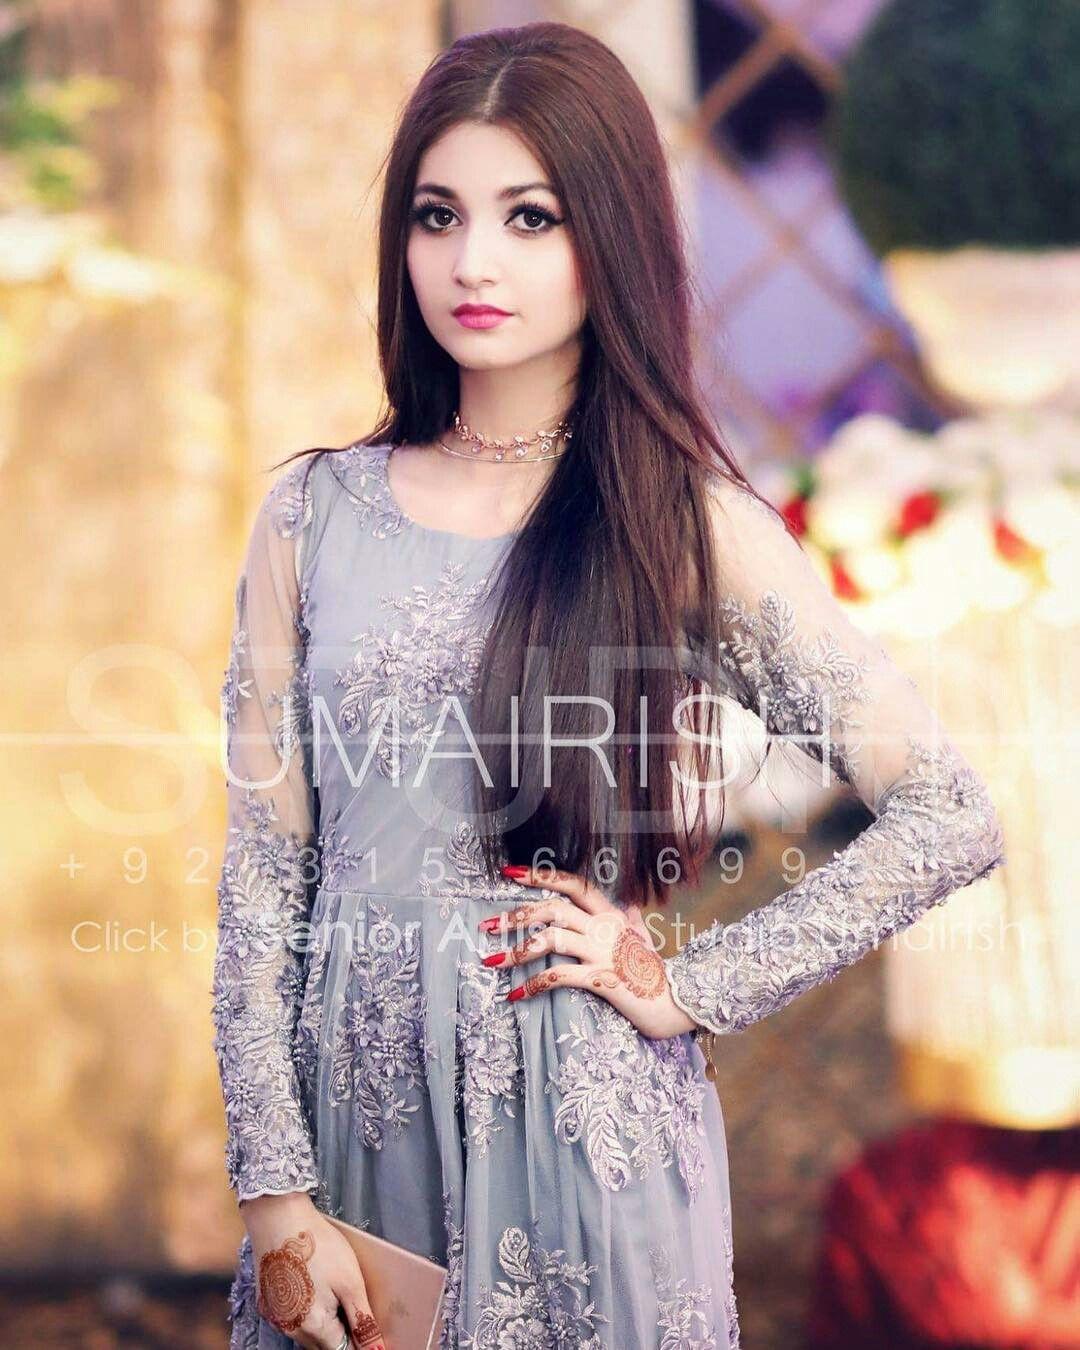 Afshii Majid Afshii In 2019 Wedding Frocks Pakistani Wedding